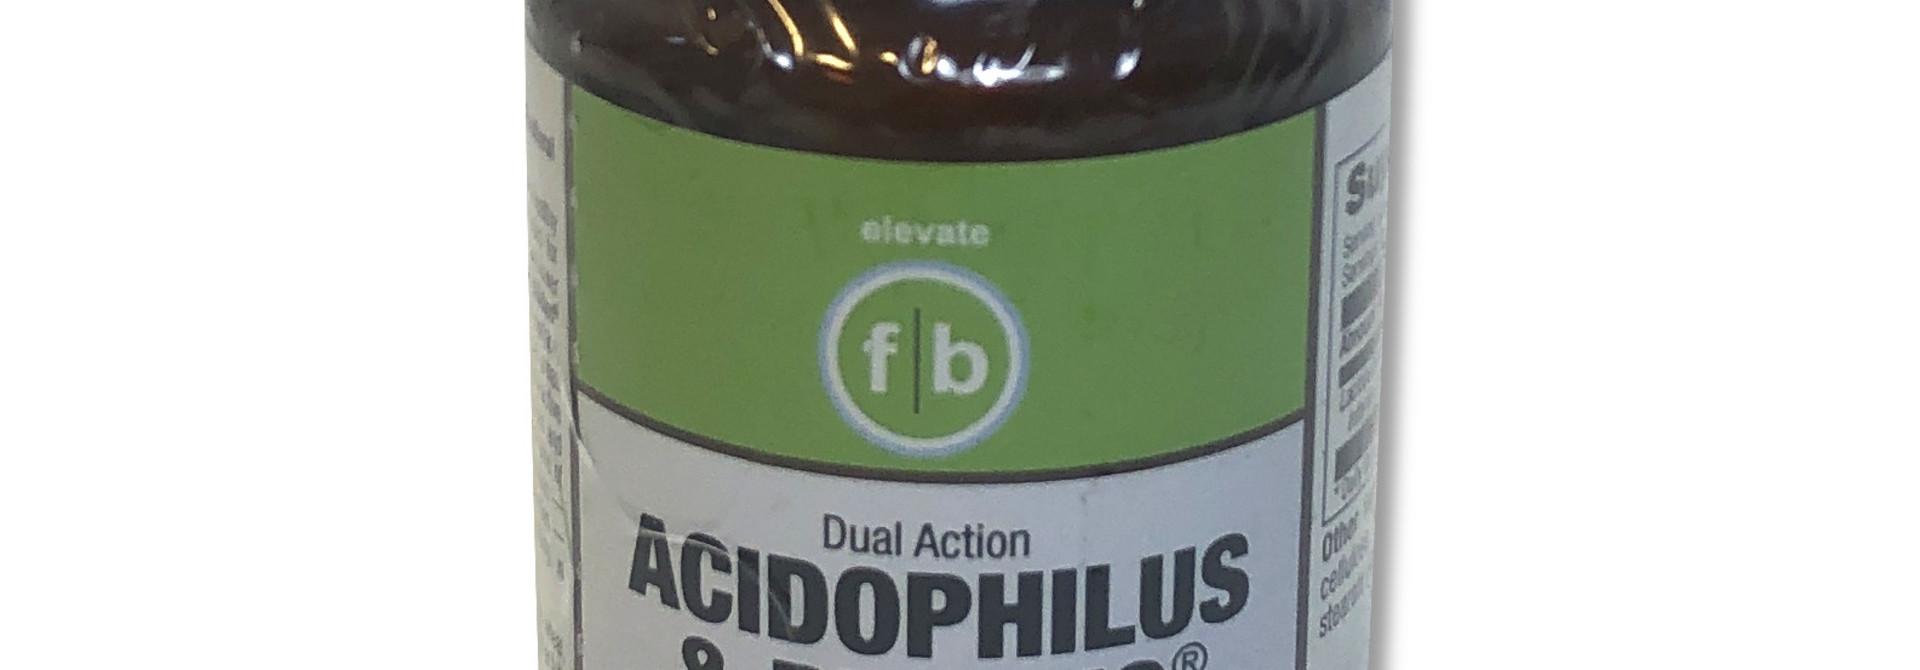 Acidophilus & Bifidus